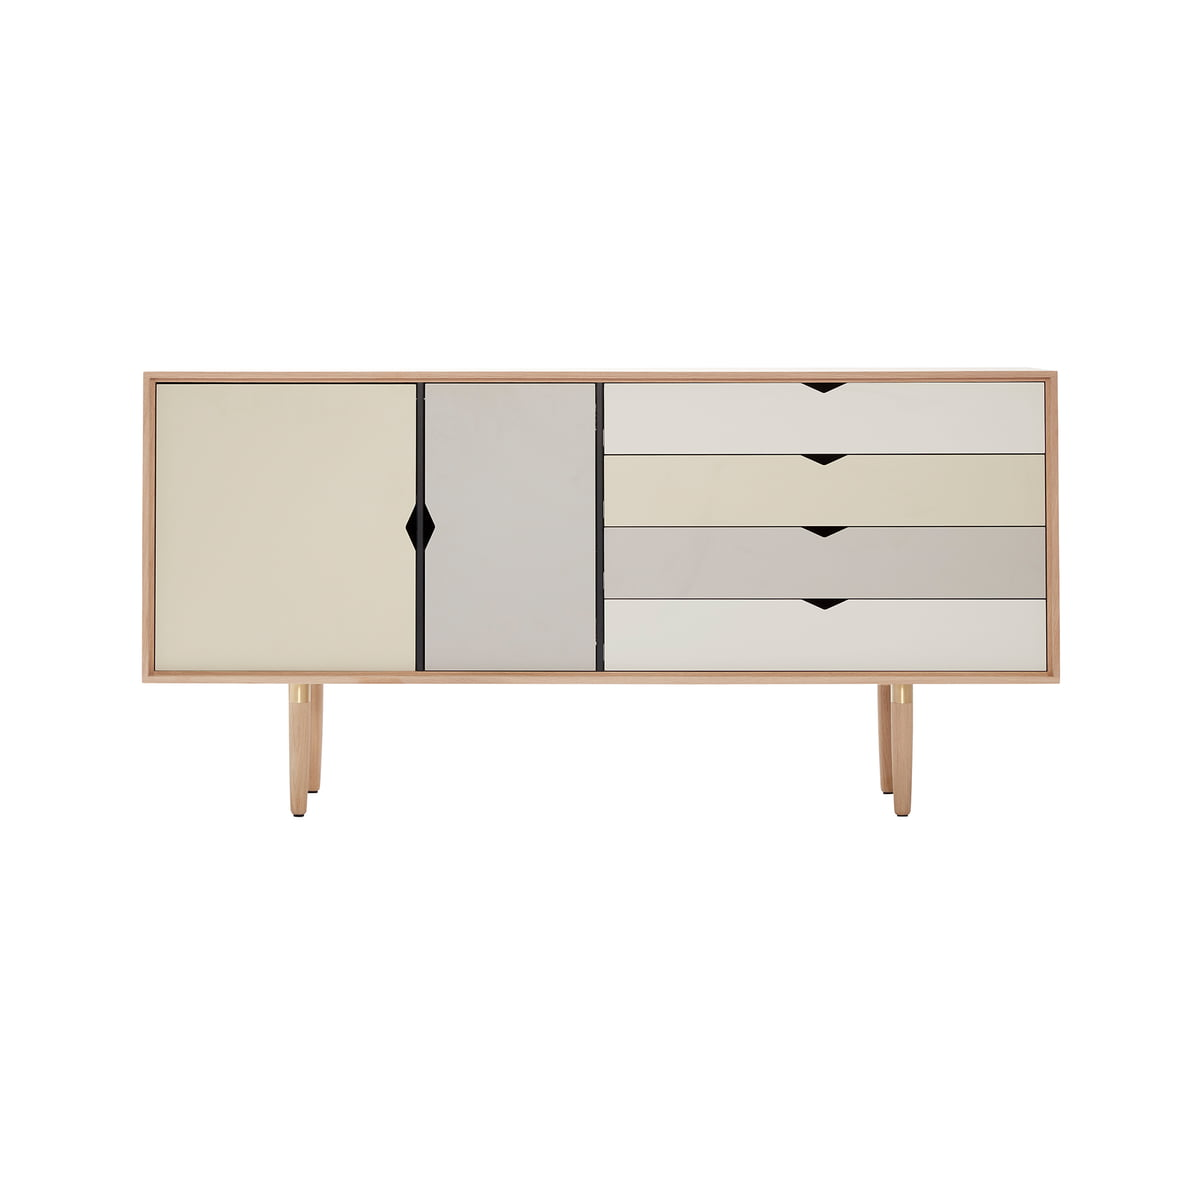 Sympathisch Sideboard Mit Füßen Foto Von S6 Von Andersen Furniture In Eiche Geseift